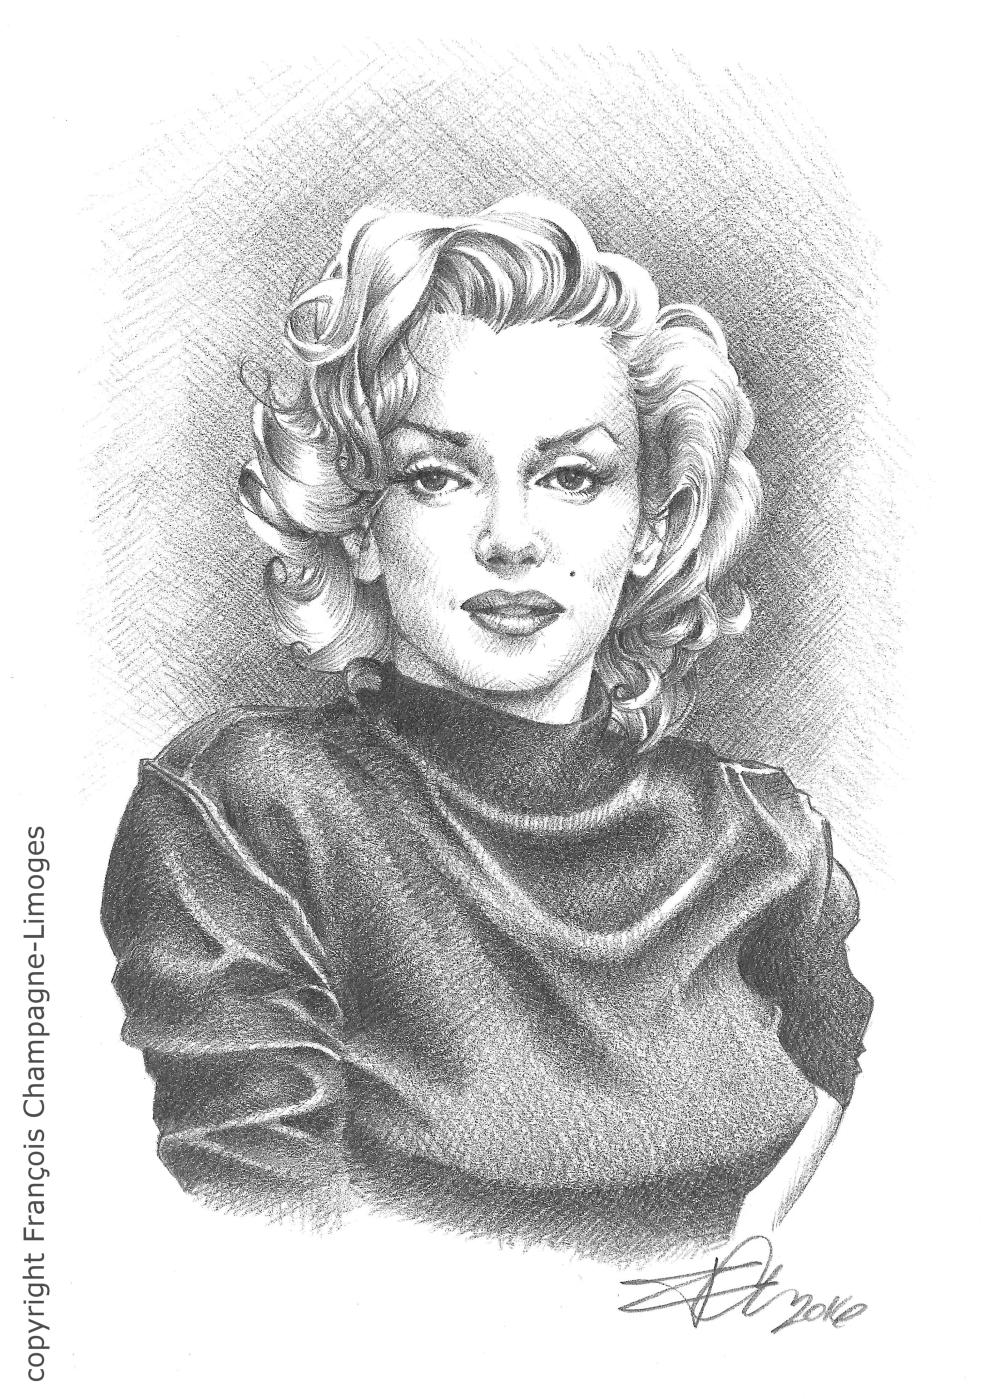 Marilyn_600dpi